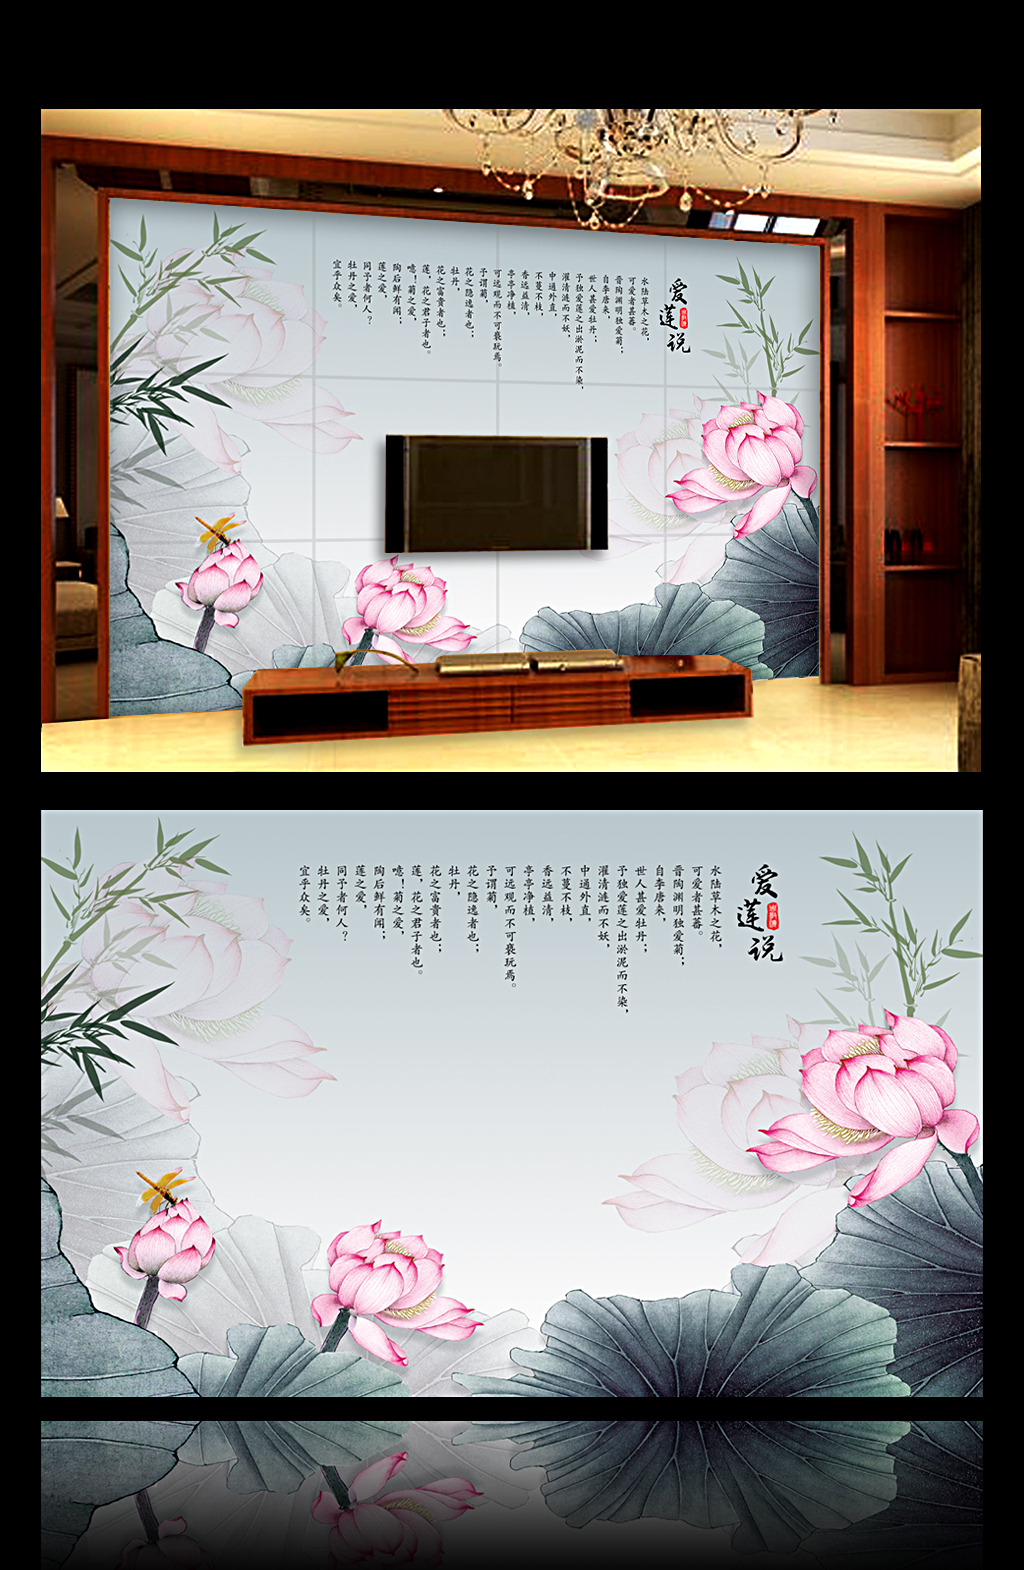 爱莲说中式风格电视背景墙图片下载 壁画 装饰画 荷花 水墨 山水 蜻蜓图片